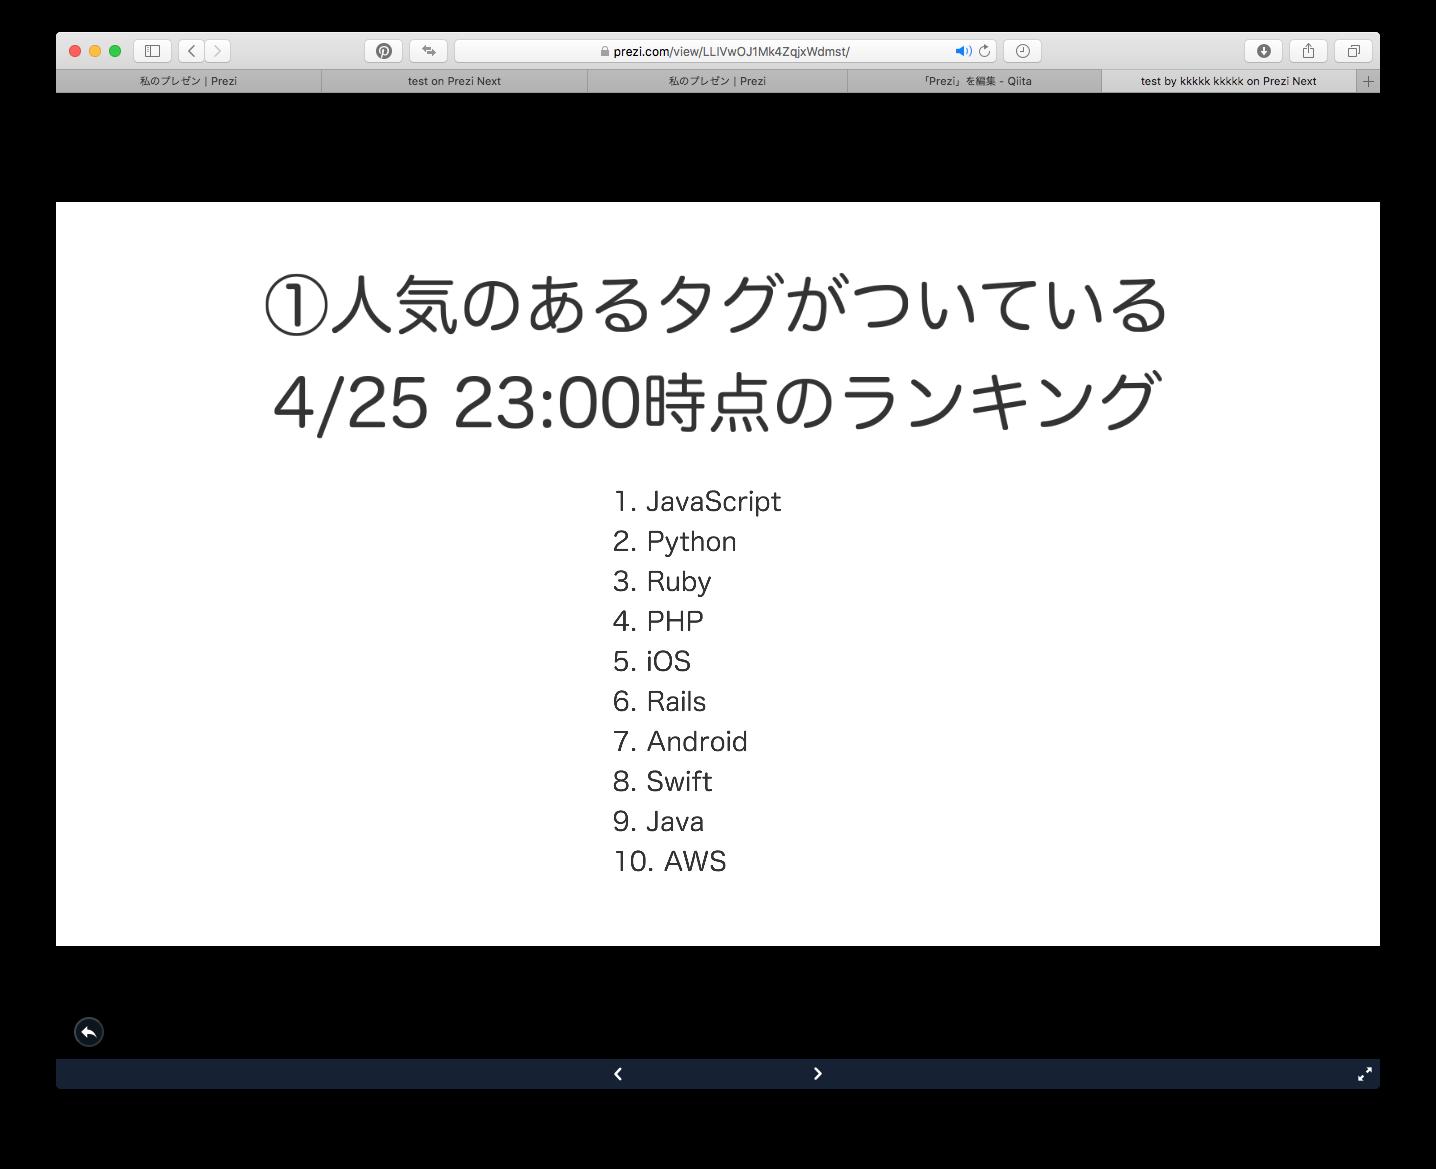 スクリーンショット 2018-05-12 15.37.27.png